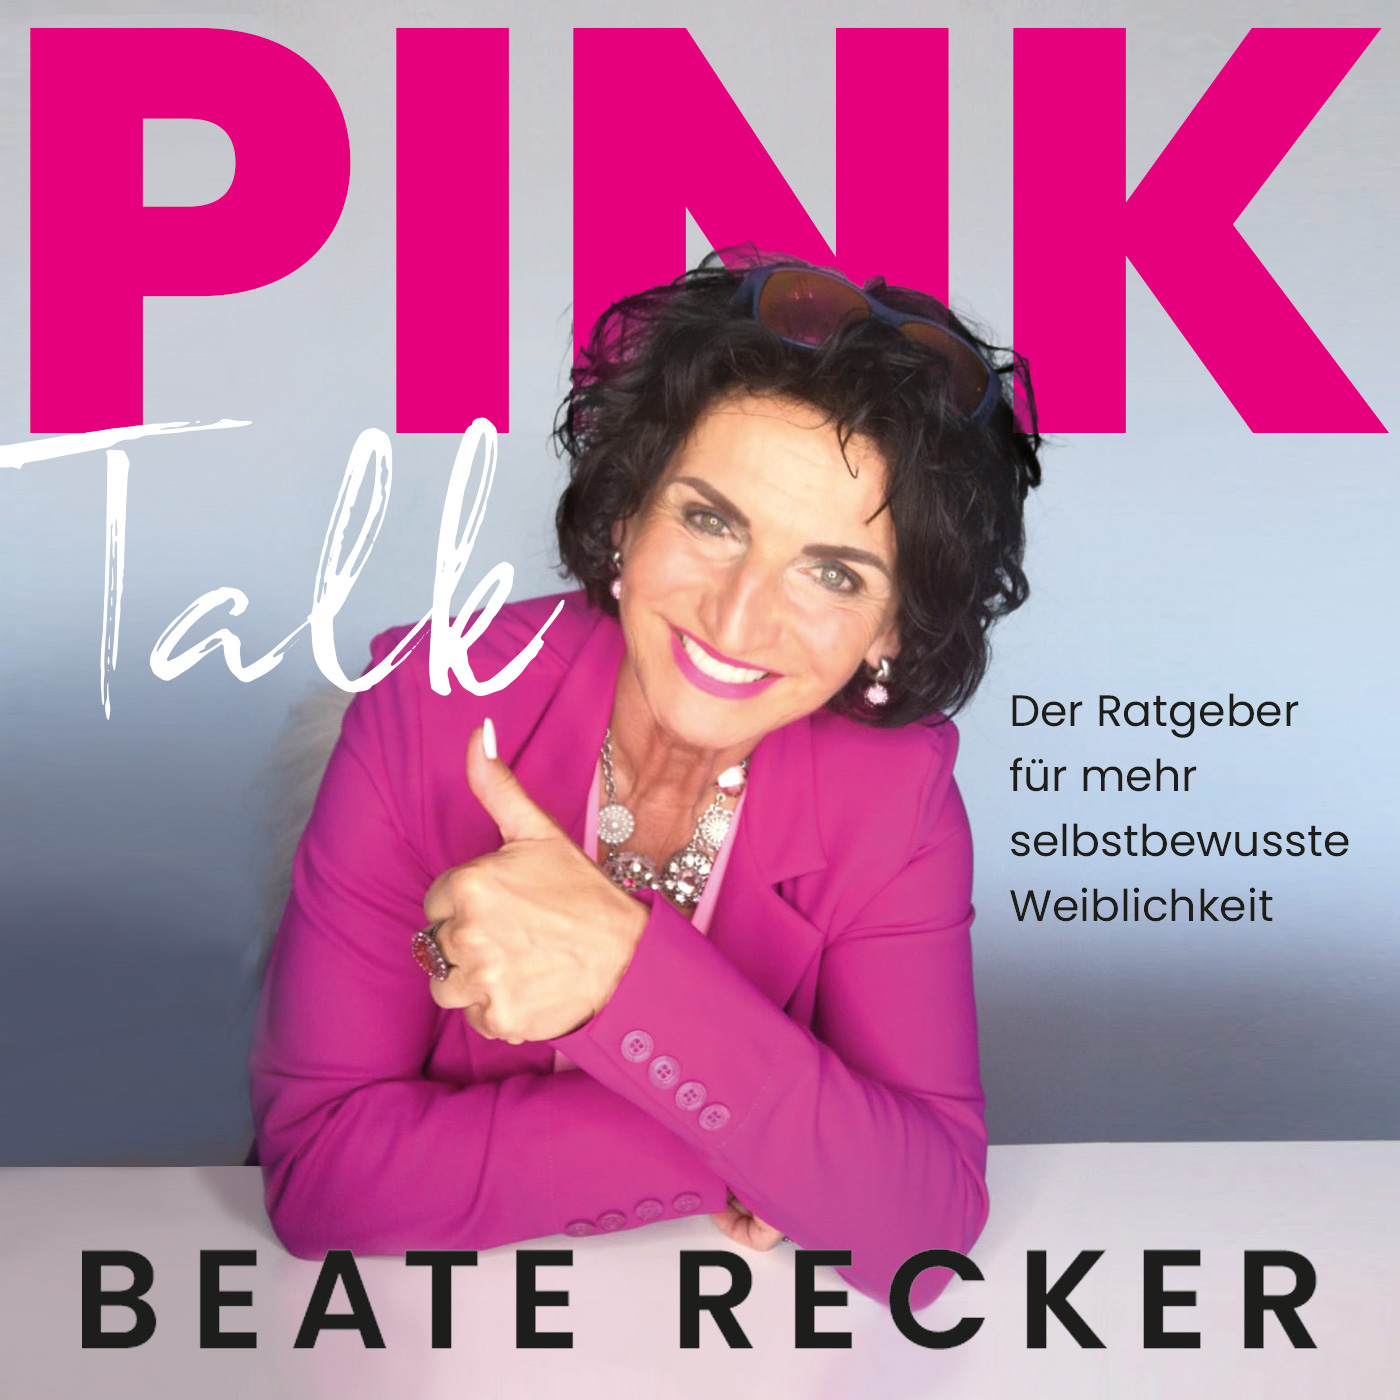 Pink Talk - Der Ratgeber für mehr selbstbewusste Weiblichkeit show art